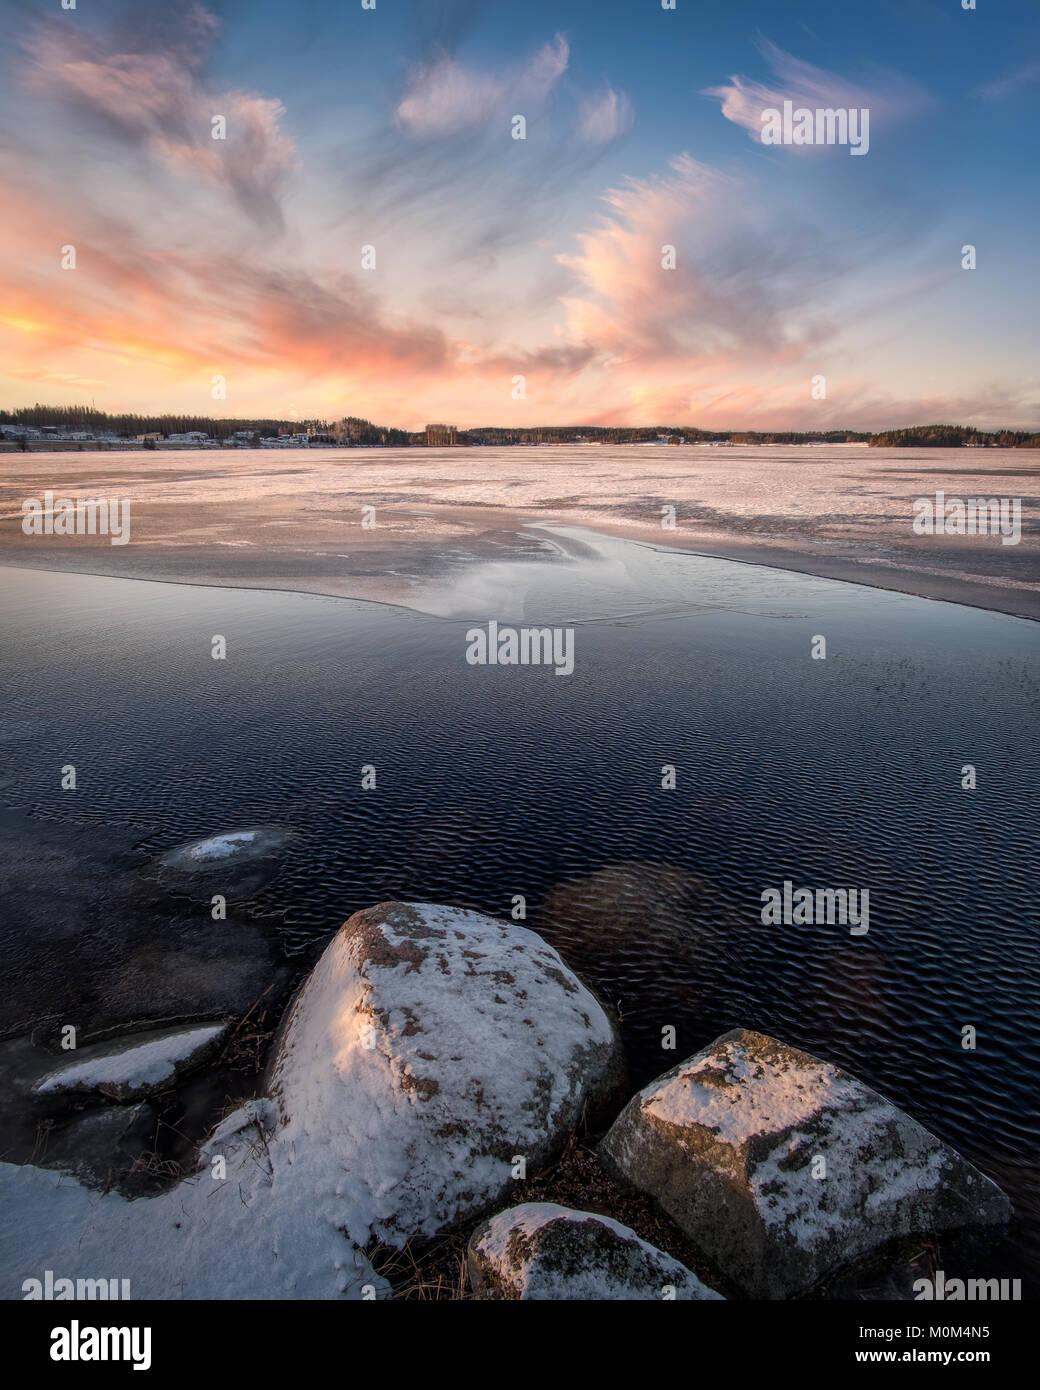 Paesaggio panoramico con il tramonto e il congelamento del lago alla sera d'inverno in Finlandia Immagini Stock